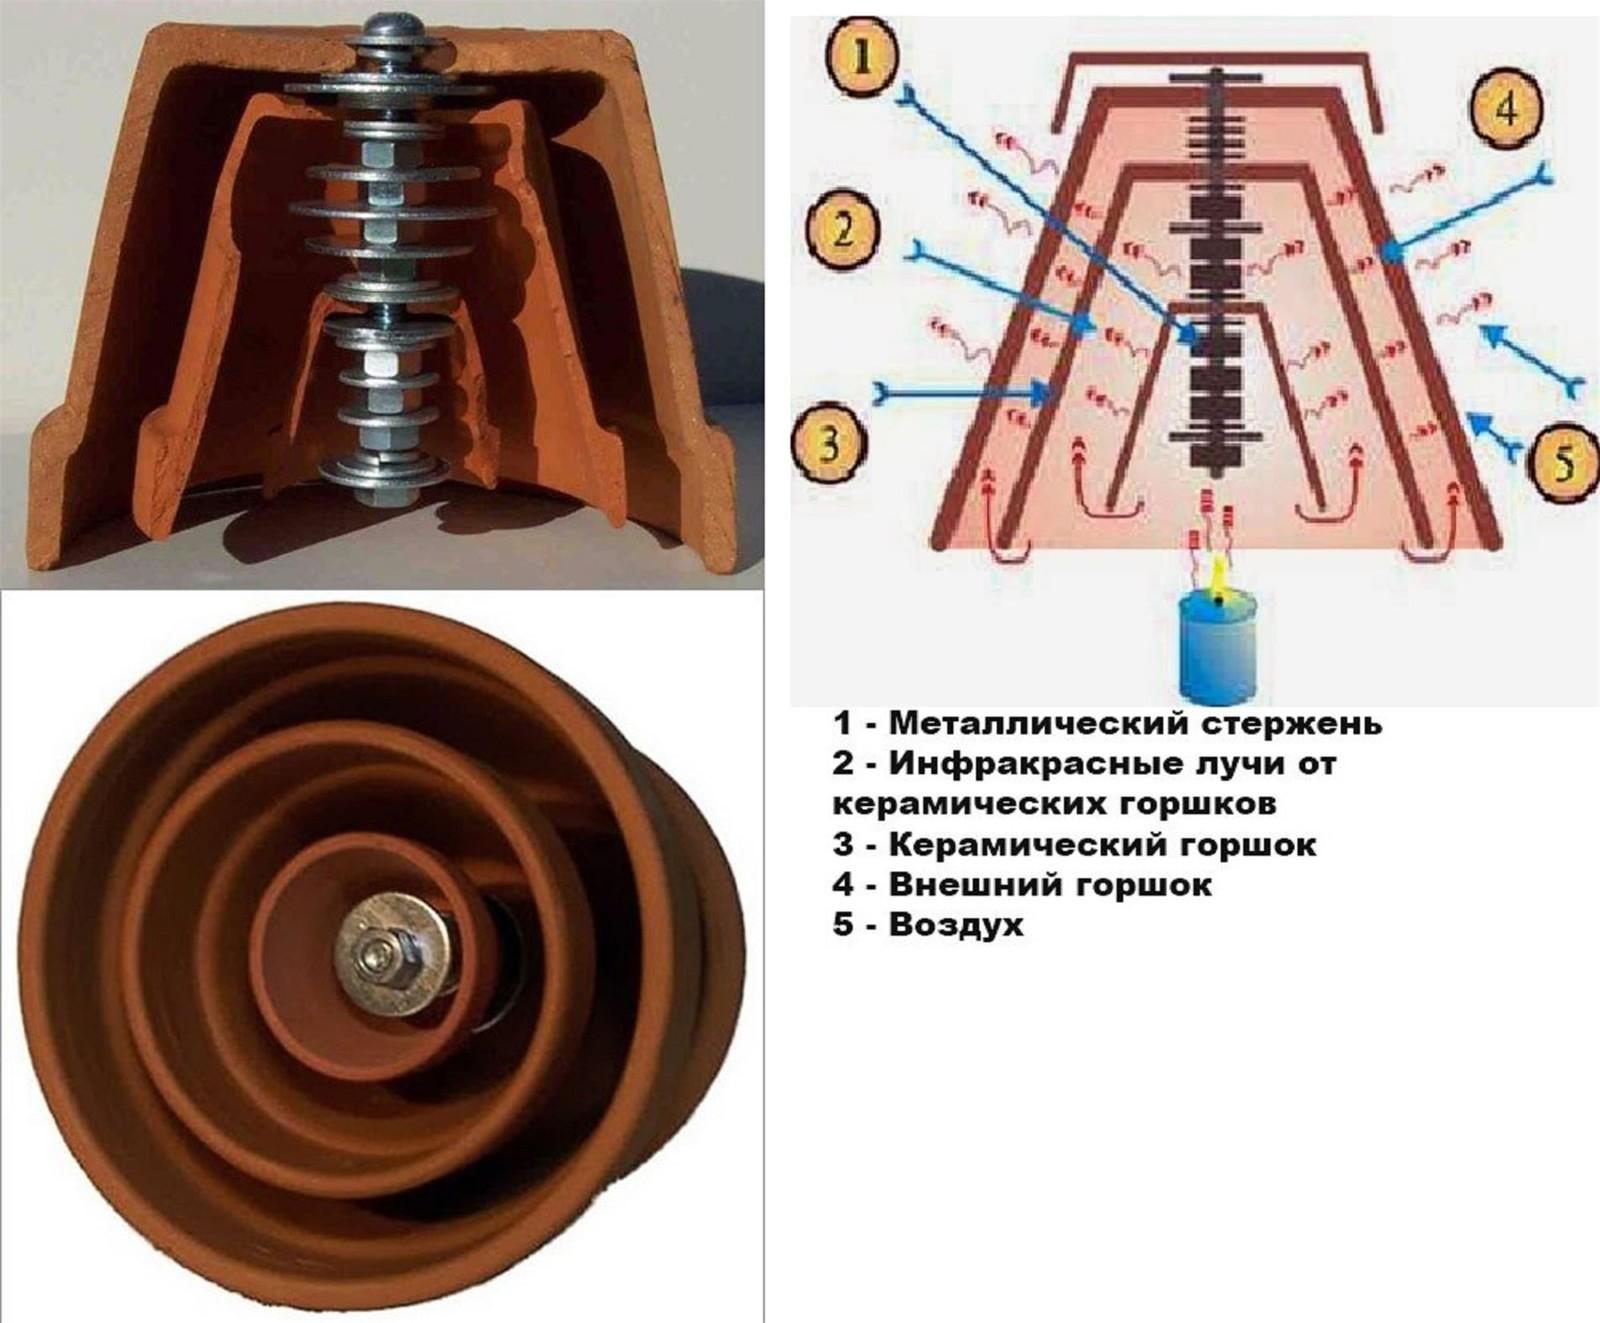 hochet-votknul-ey-sterzhen-rakom-sosut-foto